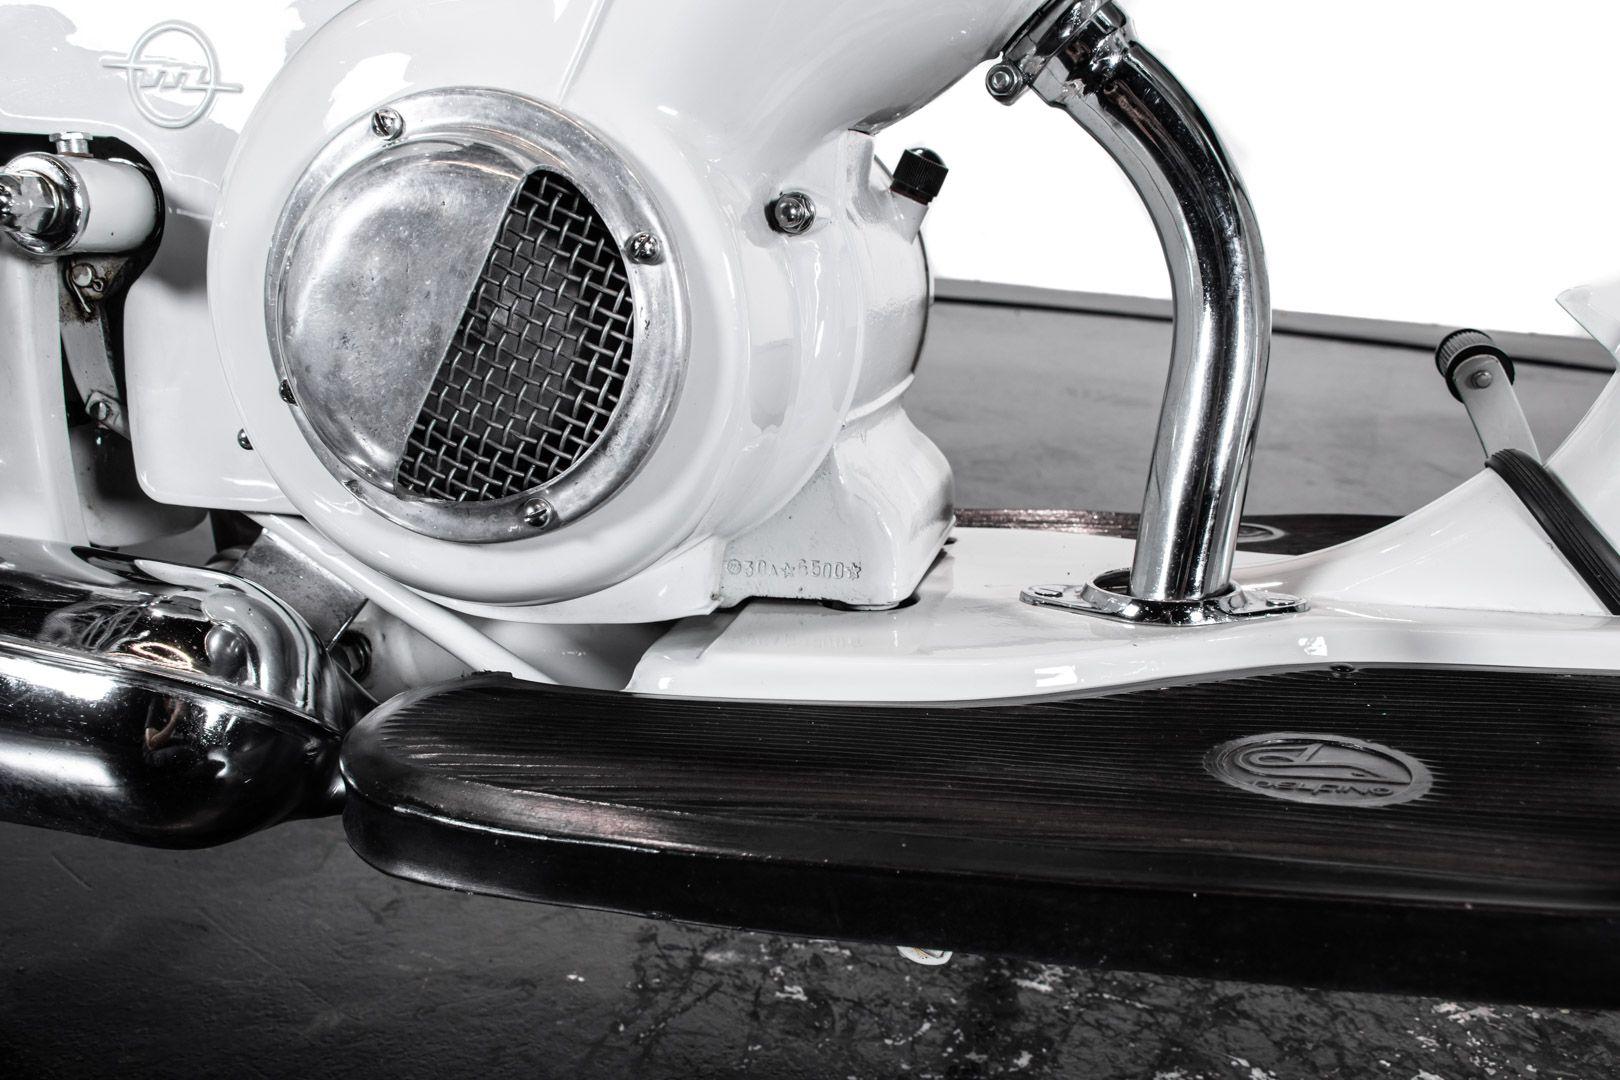 1954 Motom Delfino 165 82928